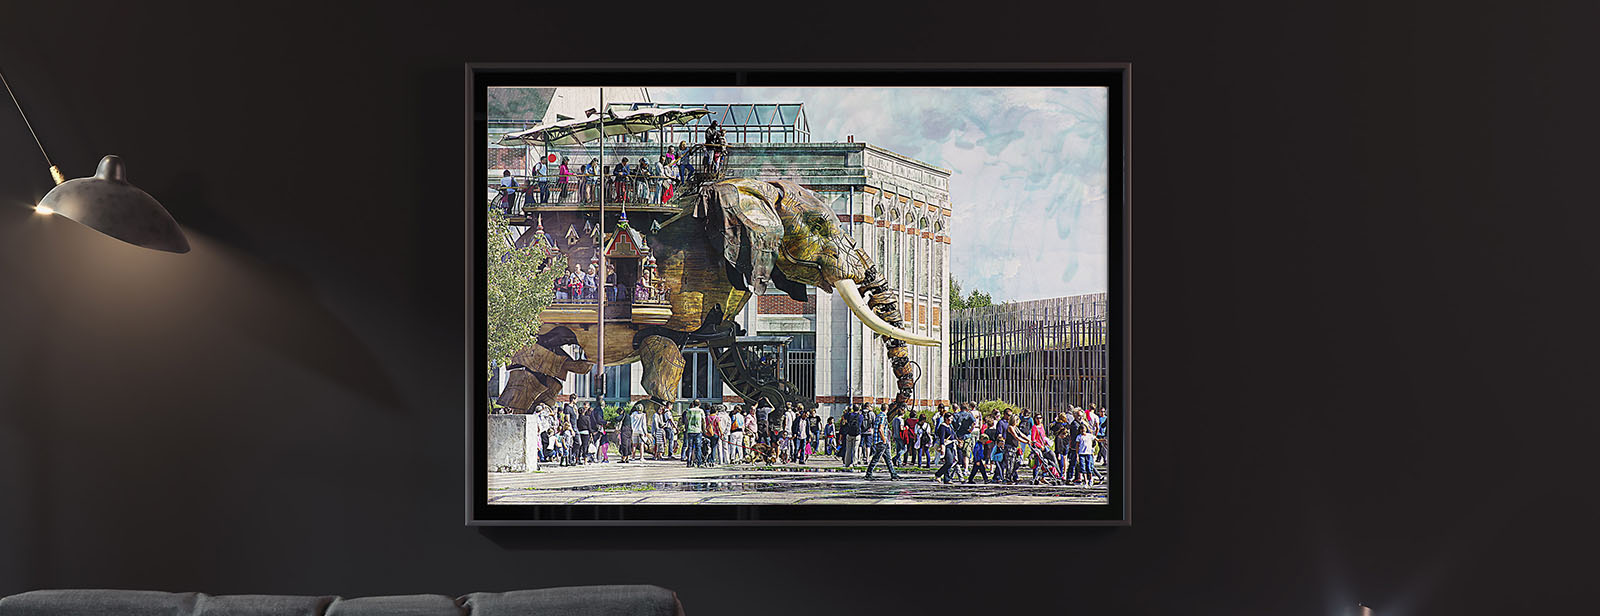 L'éléphant des machines de Nantes en cadeau